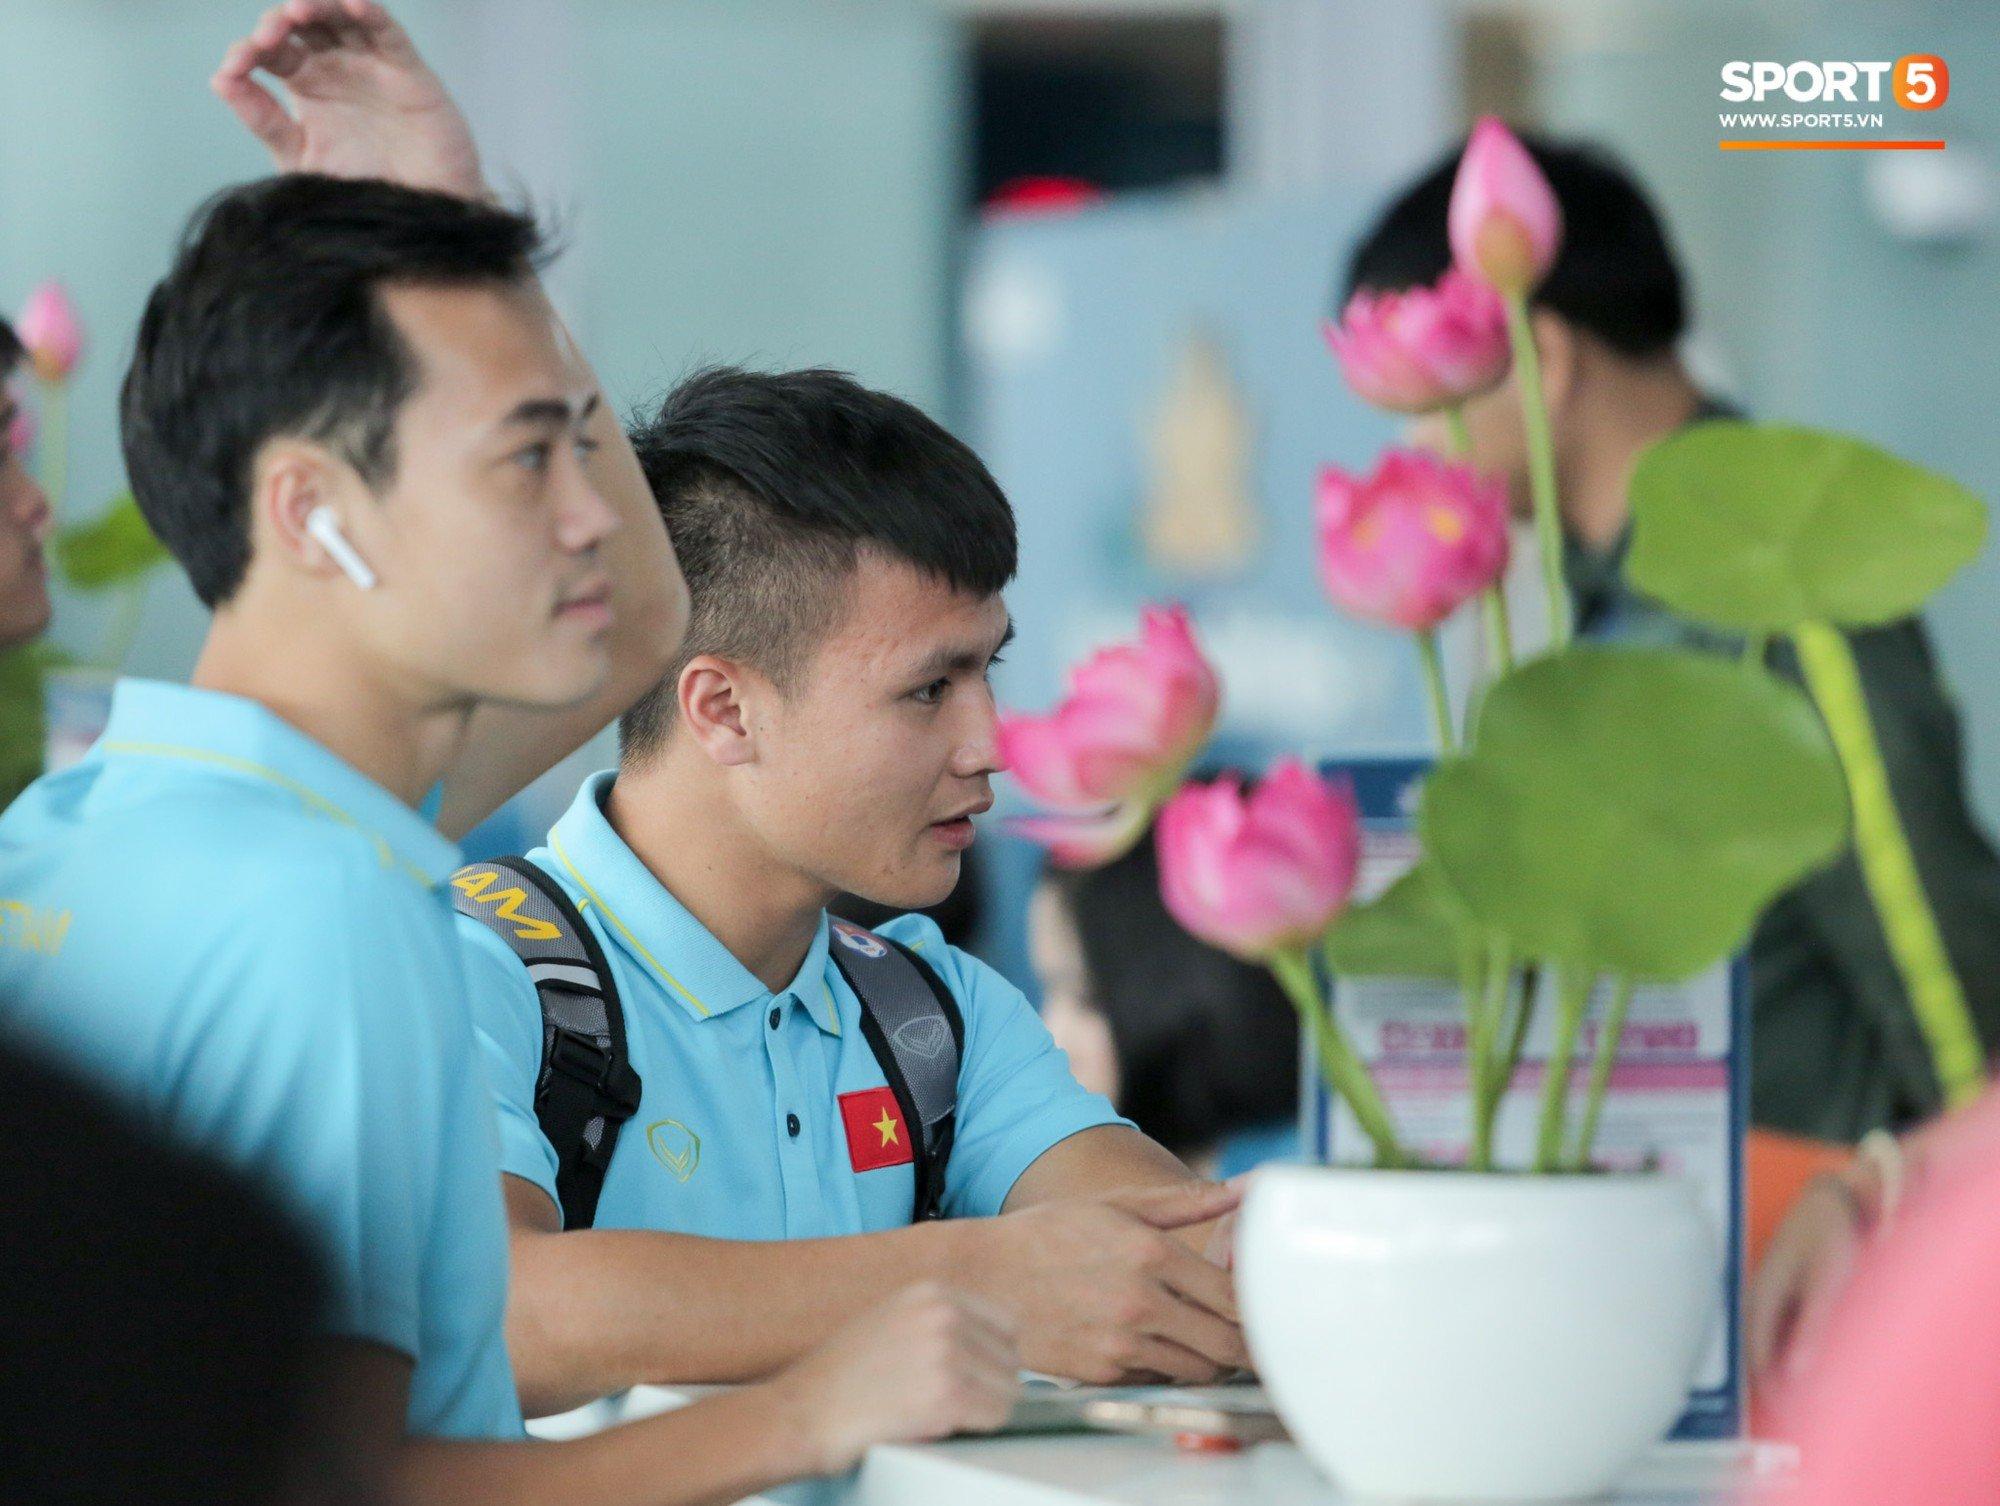 HLV Park Hang Seo loại 3 cầu thủ, ĐT Việt Nam hừng hực khí thế lên đường sang Thái Lan  8